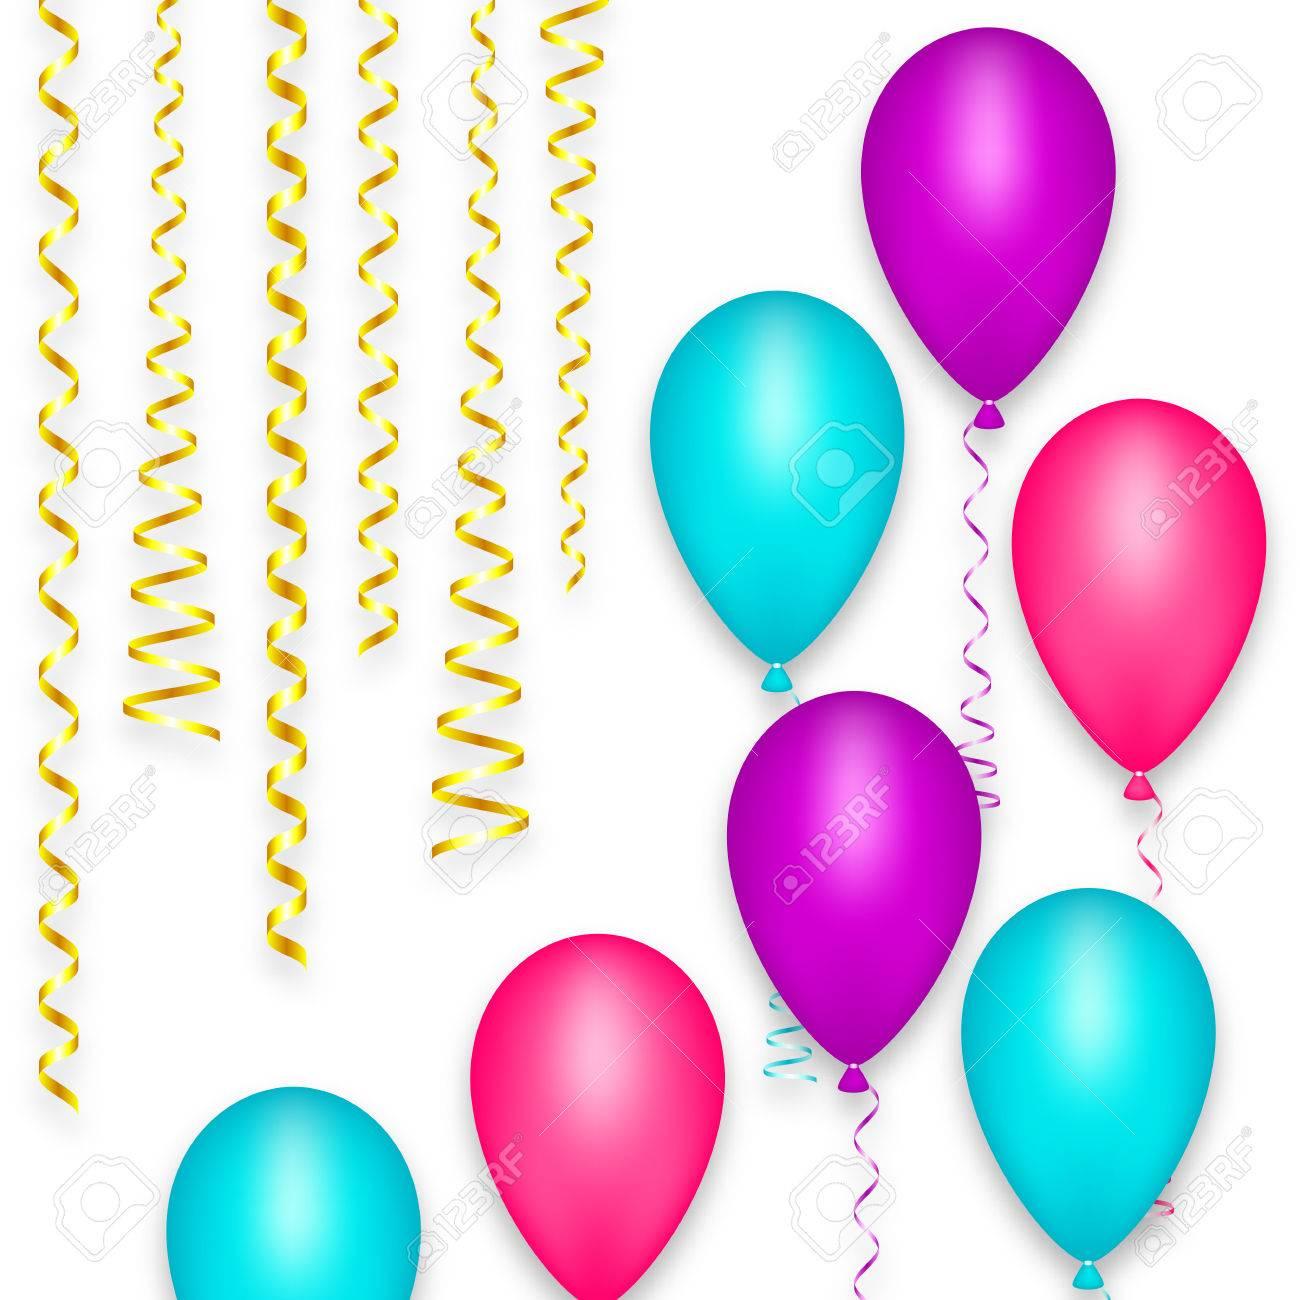 Design Carte De Voeux Fond Ballon Fete Joyeux Anniversaire Festival Decoration De Carnaval De Vacances Streamer Ruban Spirale Couleur Rose Bleu Violet Vector Illustration Clip Art Libres De Droits Vecteurs Et